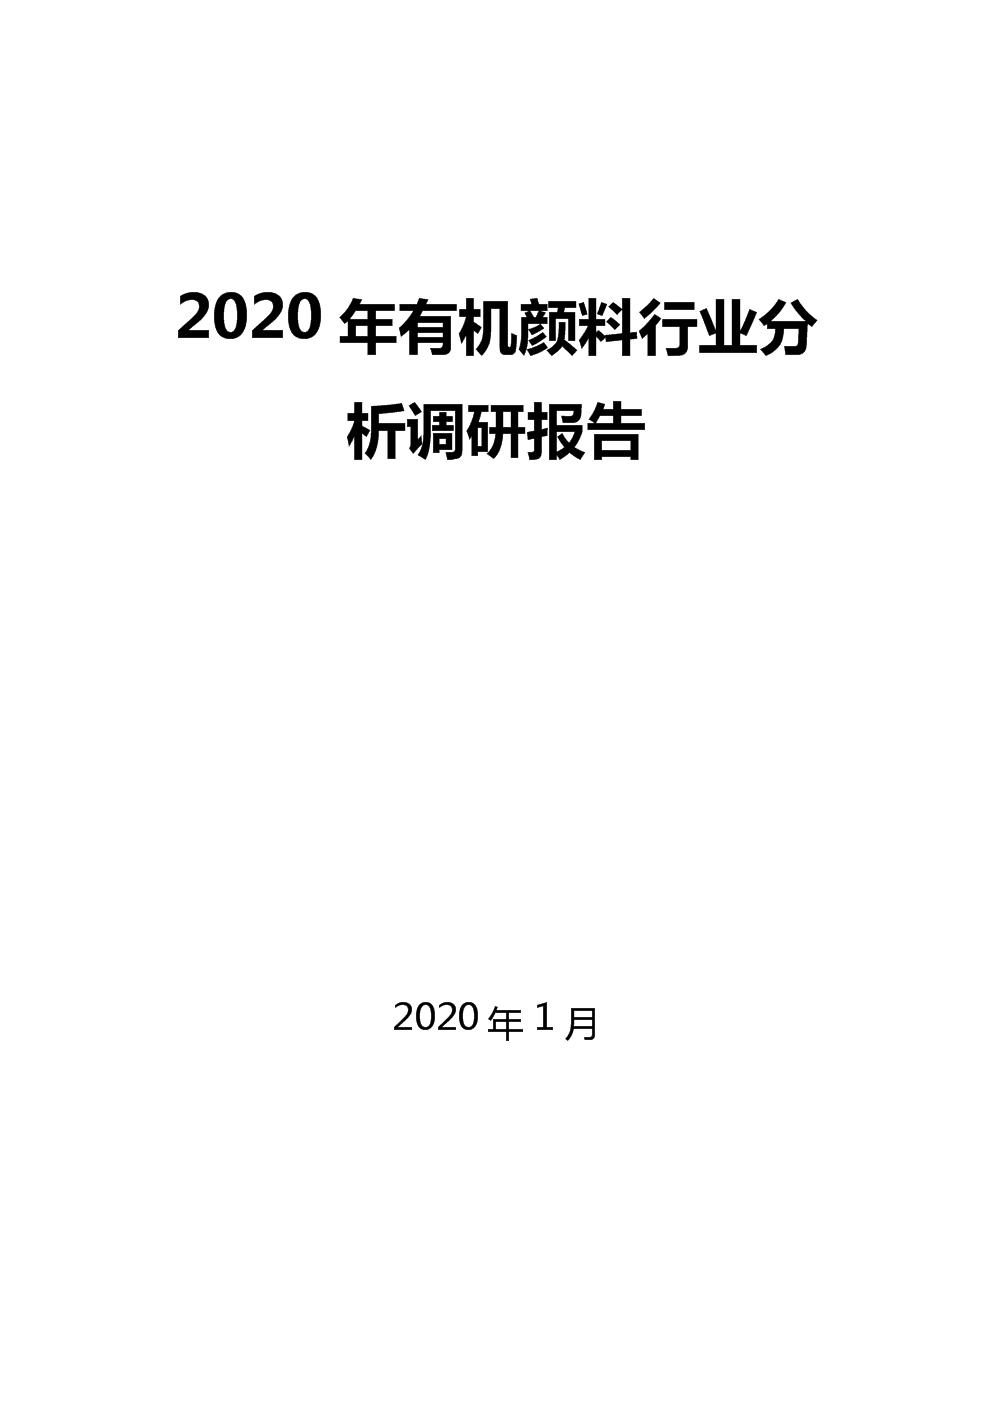 2020有机颜料行业分析报告.docx